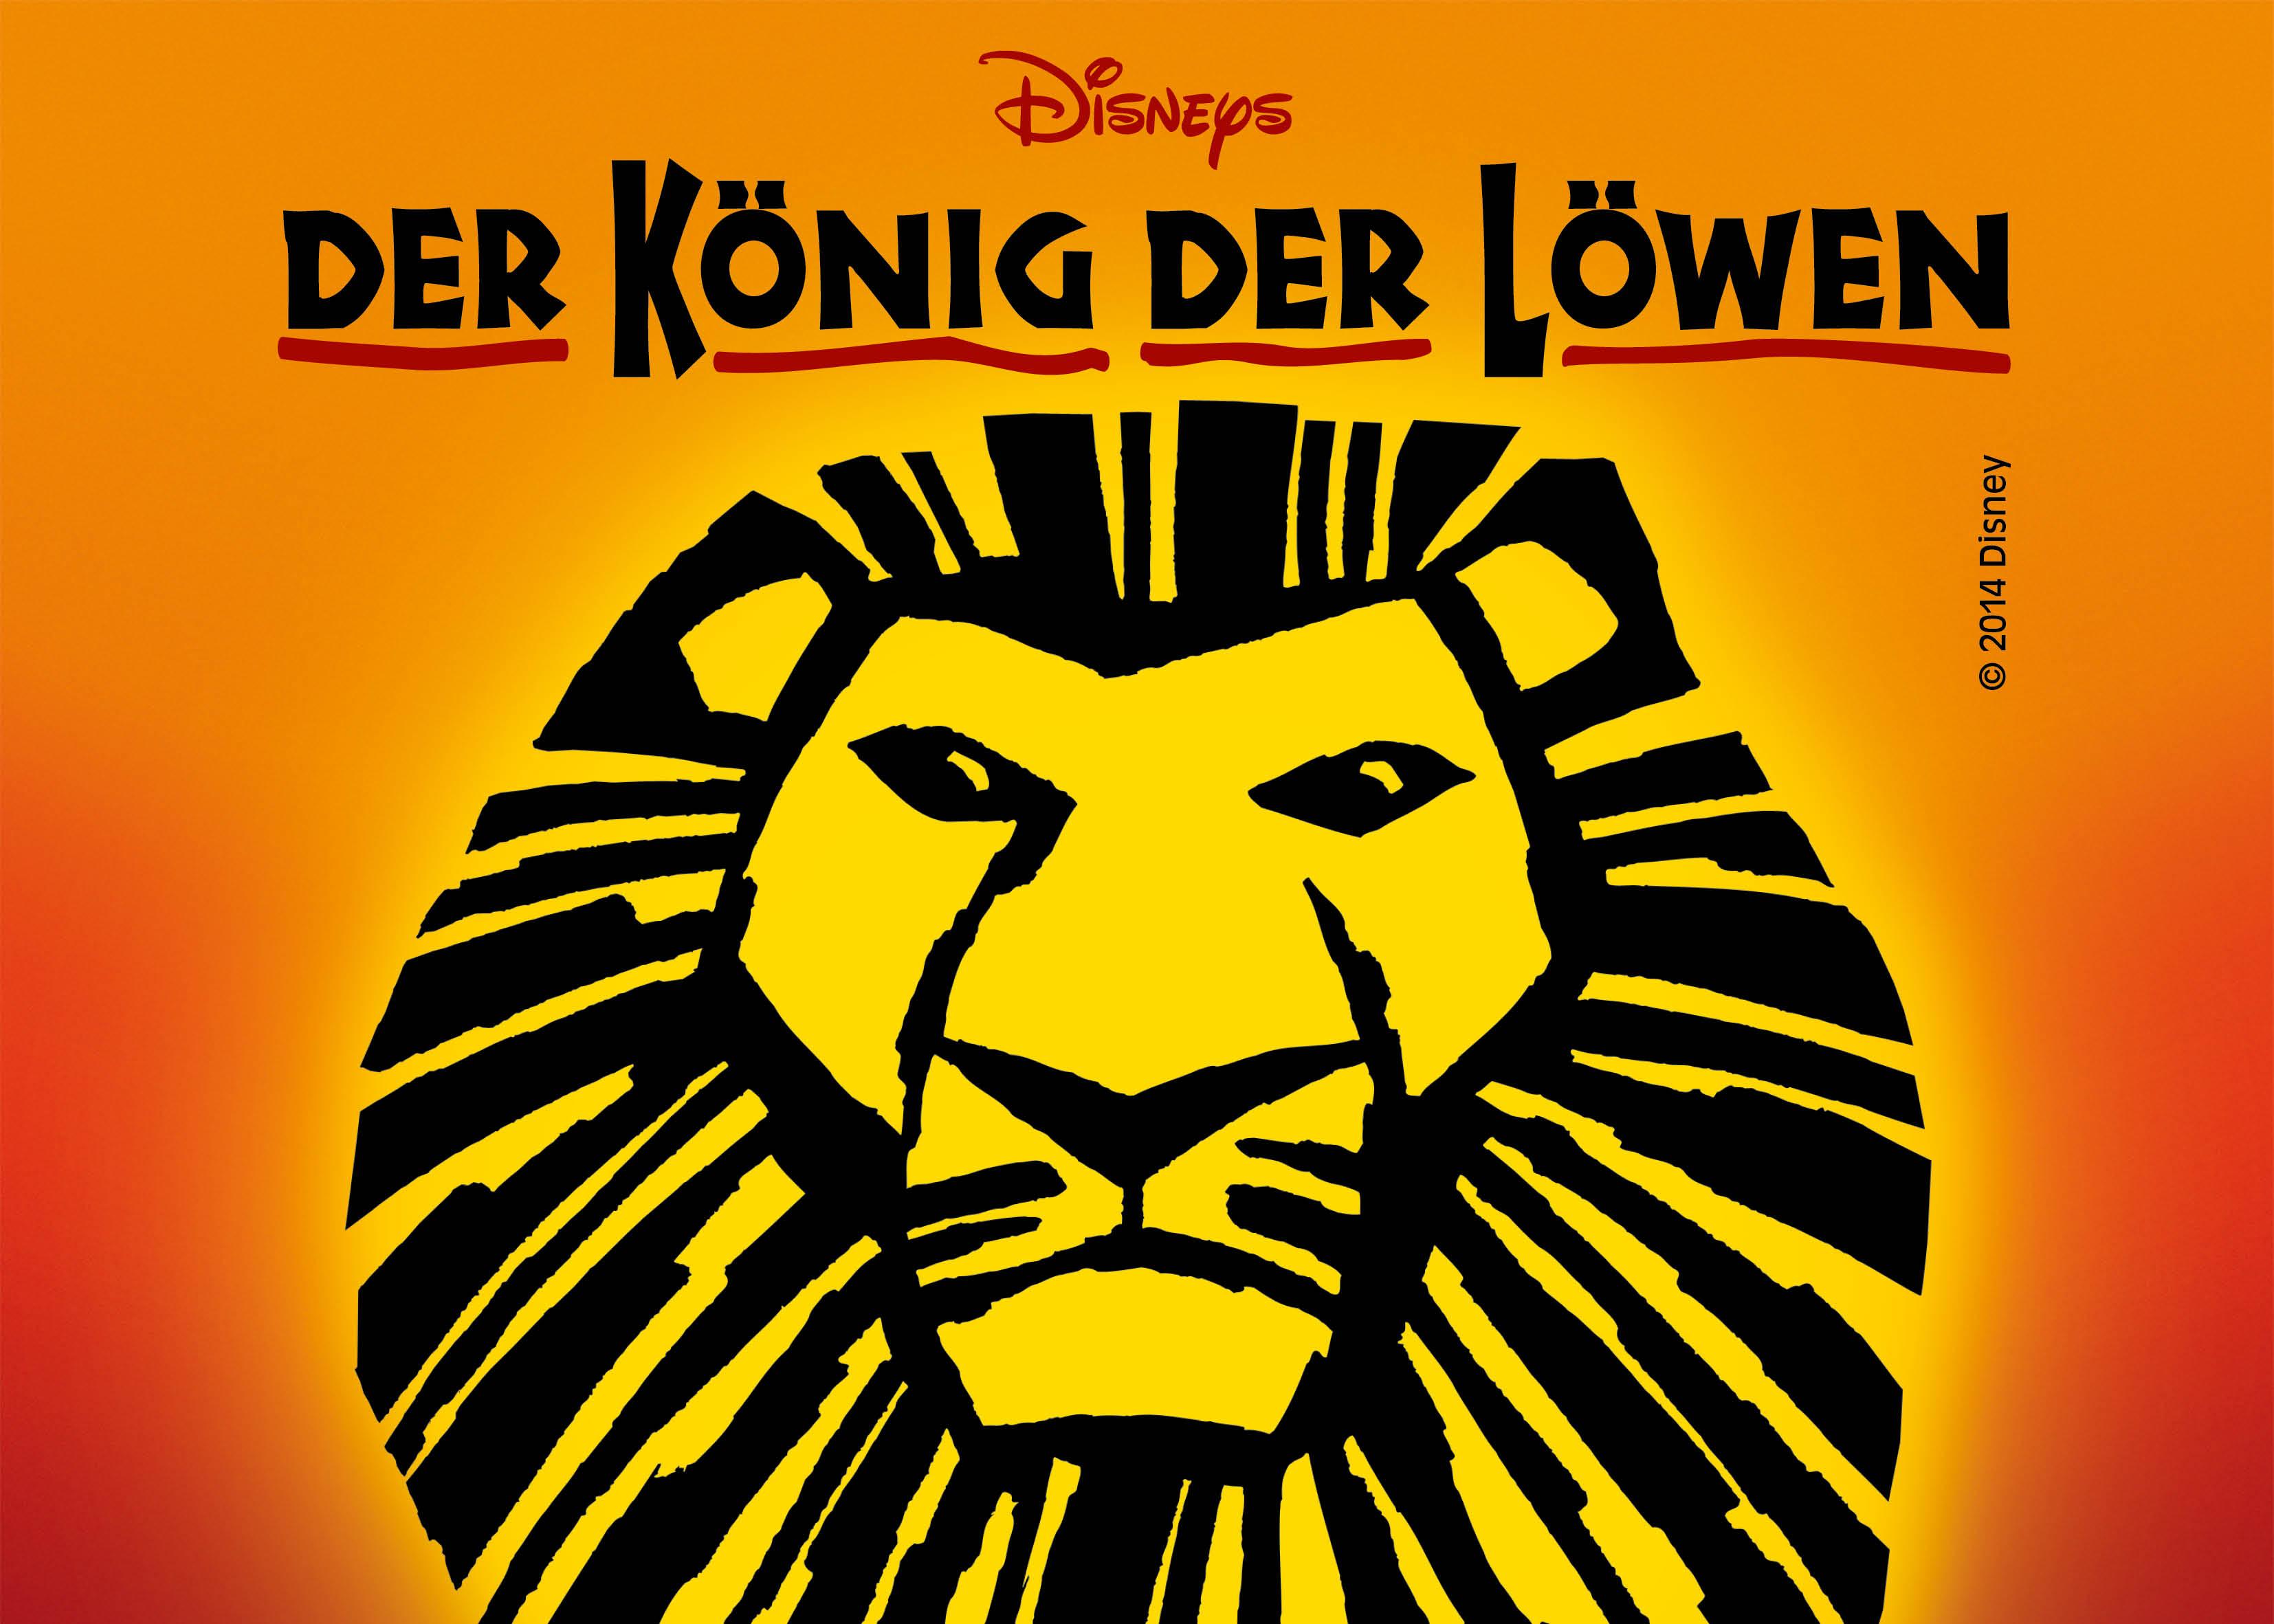 könig der löwen musical gutschein vorlage